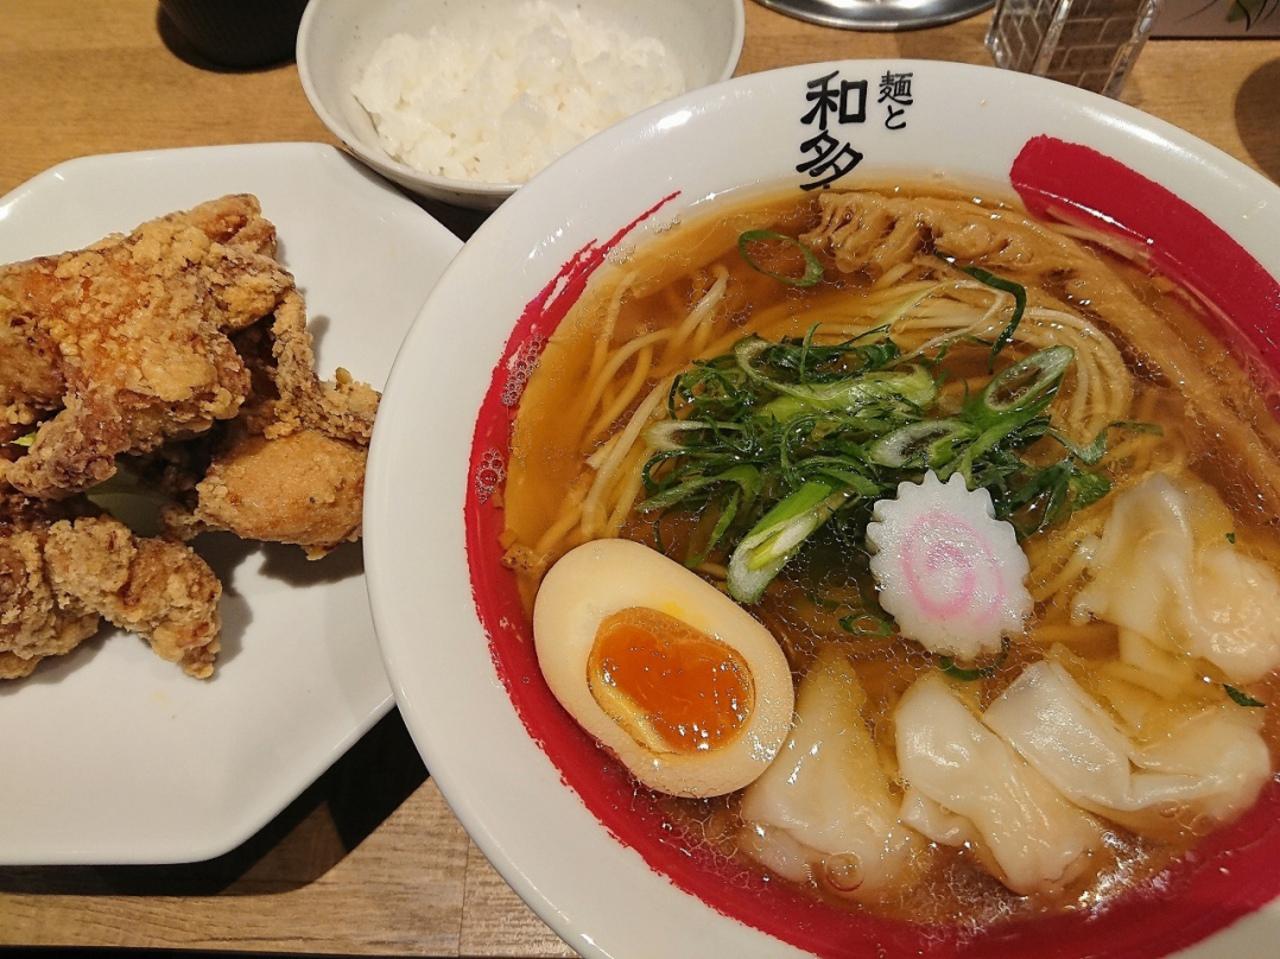 上新庄駅南口近くにオープンされた『麺と和多志』に行ってきました。。。